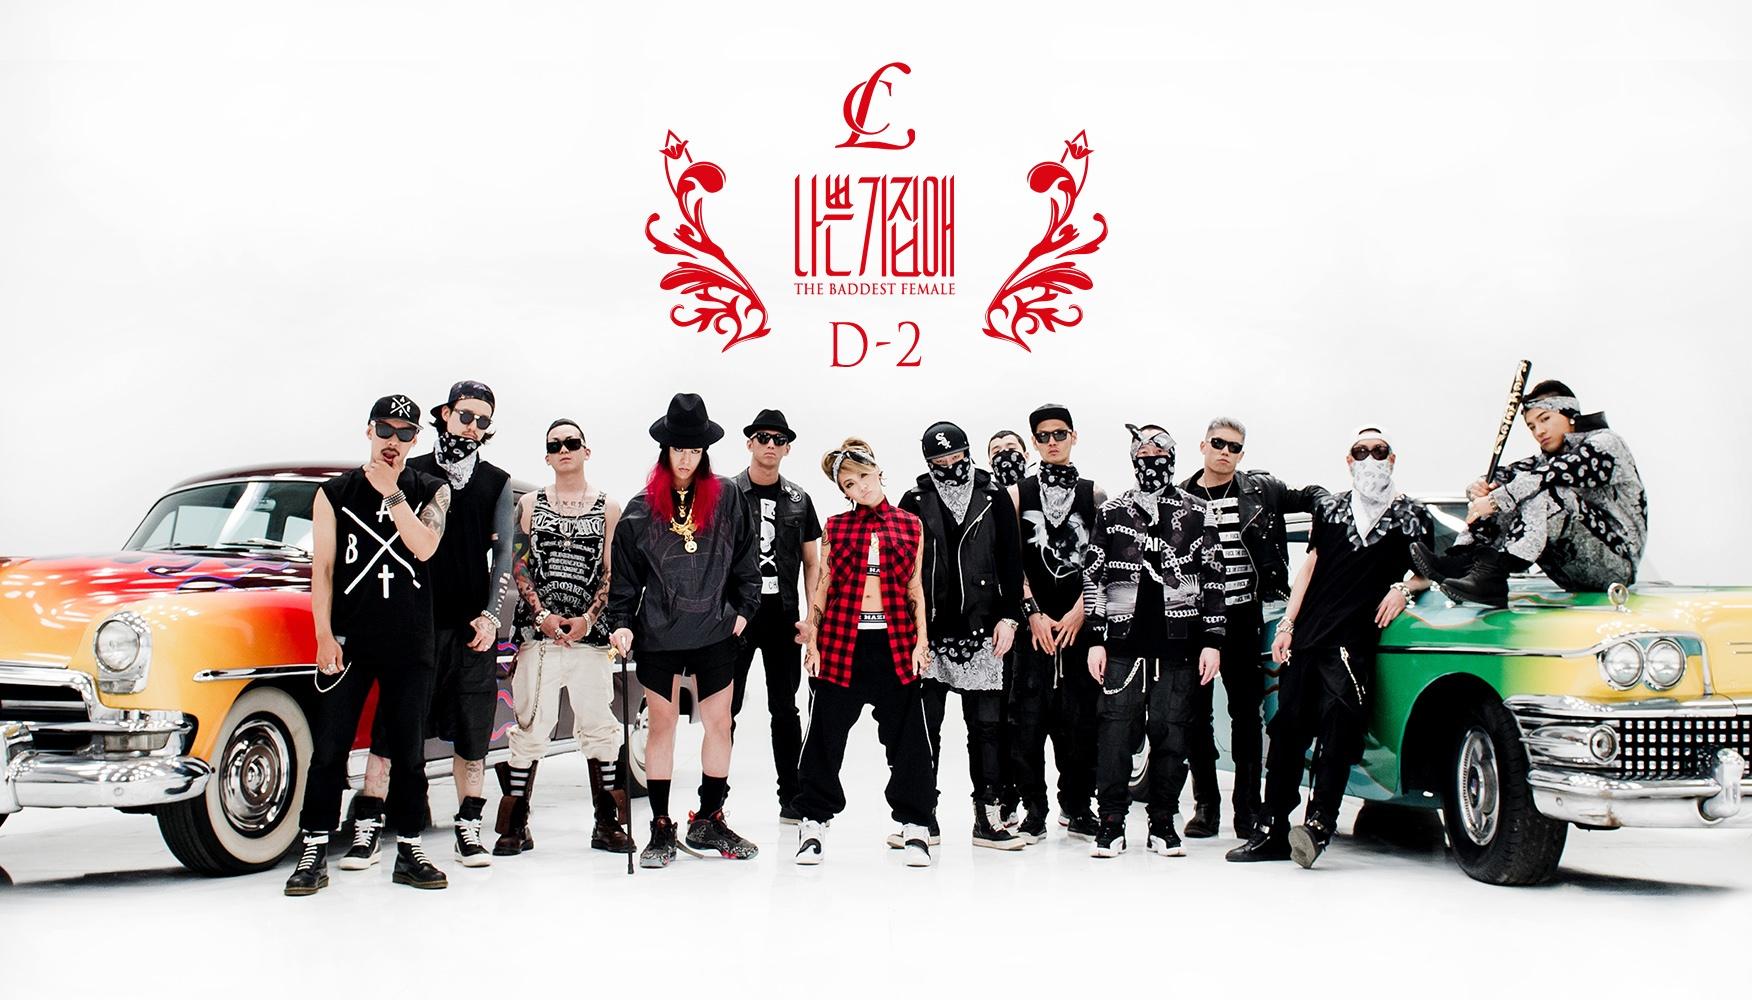 CL D-2 Teaser Revealed!